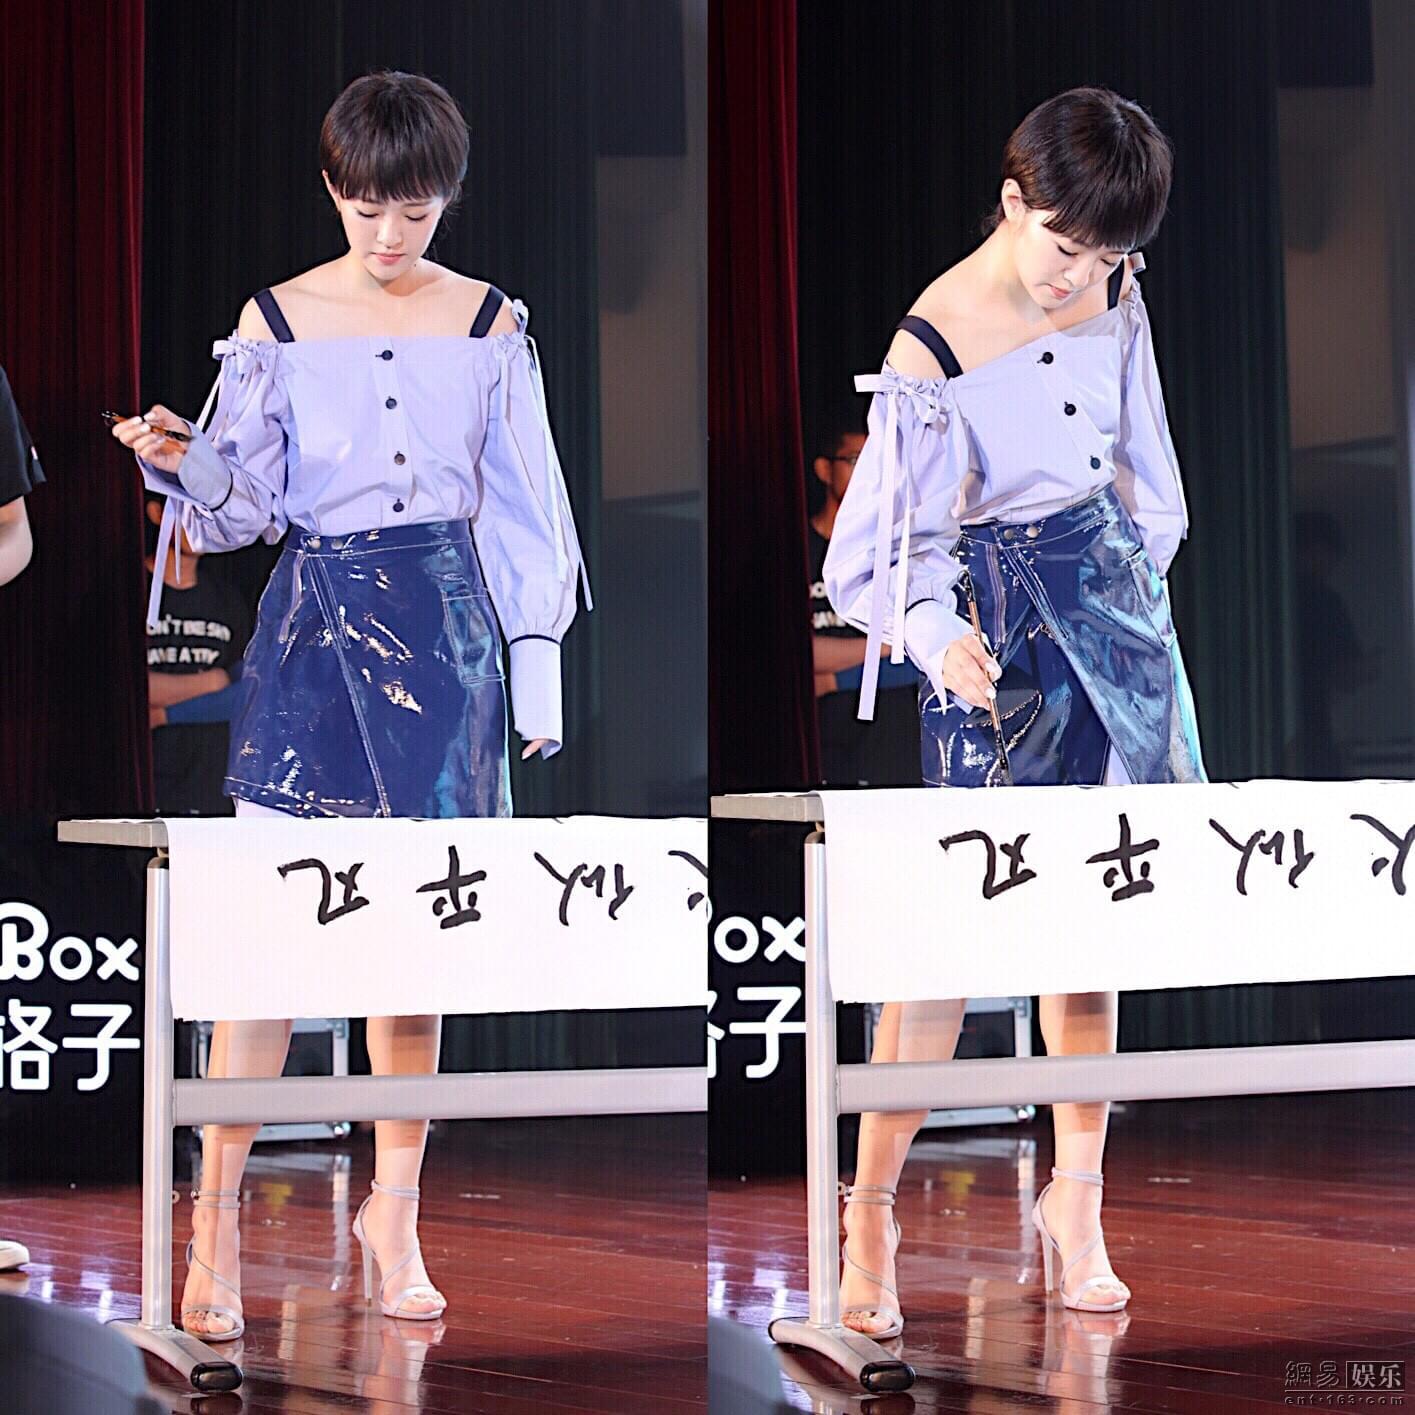 《闪光少女》首映获热评 刘泳希现场撩妹惹尖叫